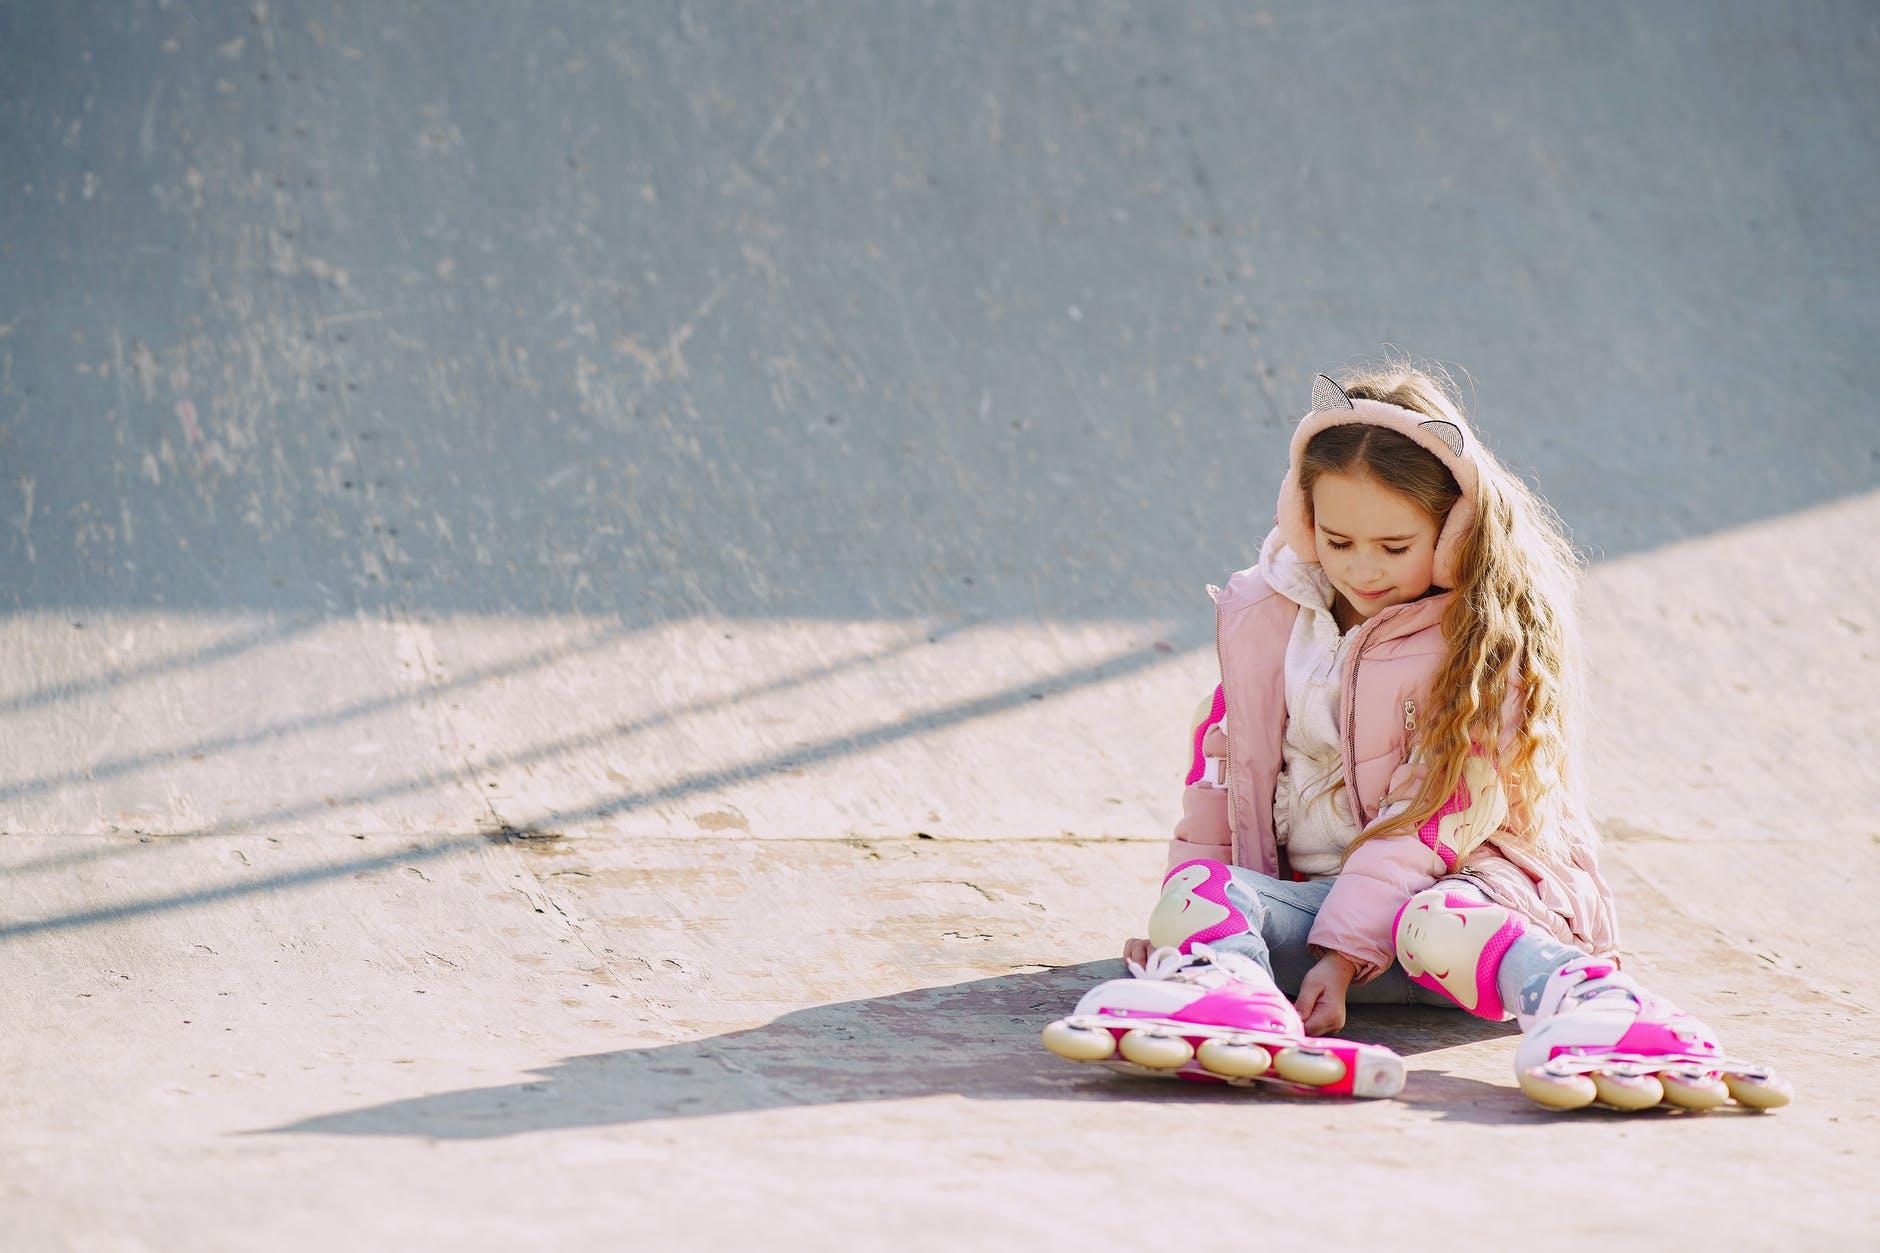 smiling cute child in roller skates sitting on skate ramp